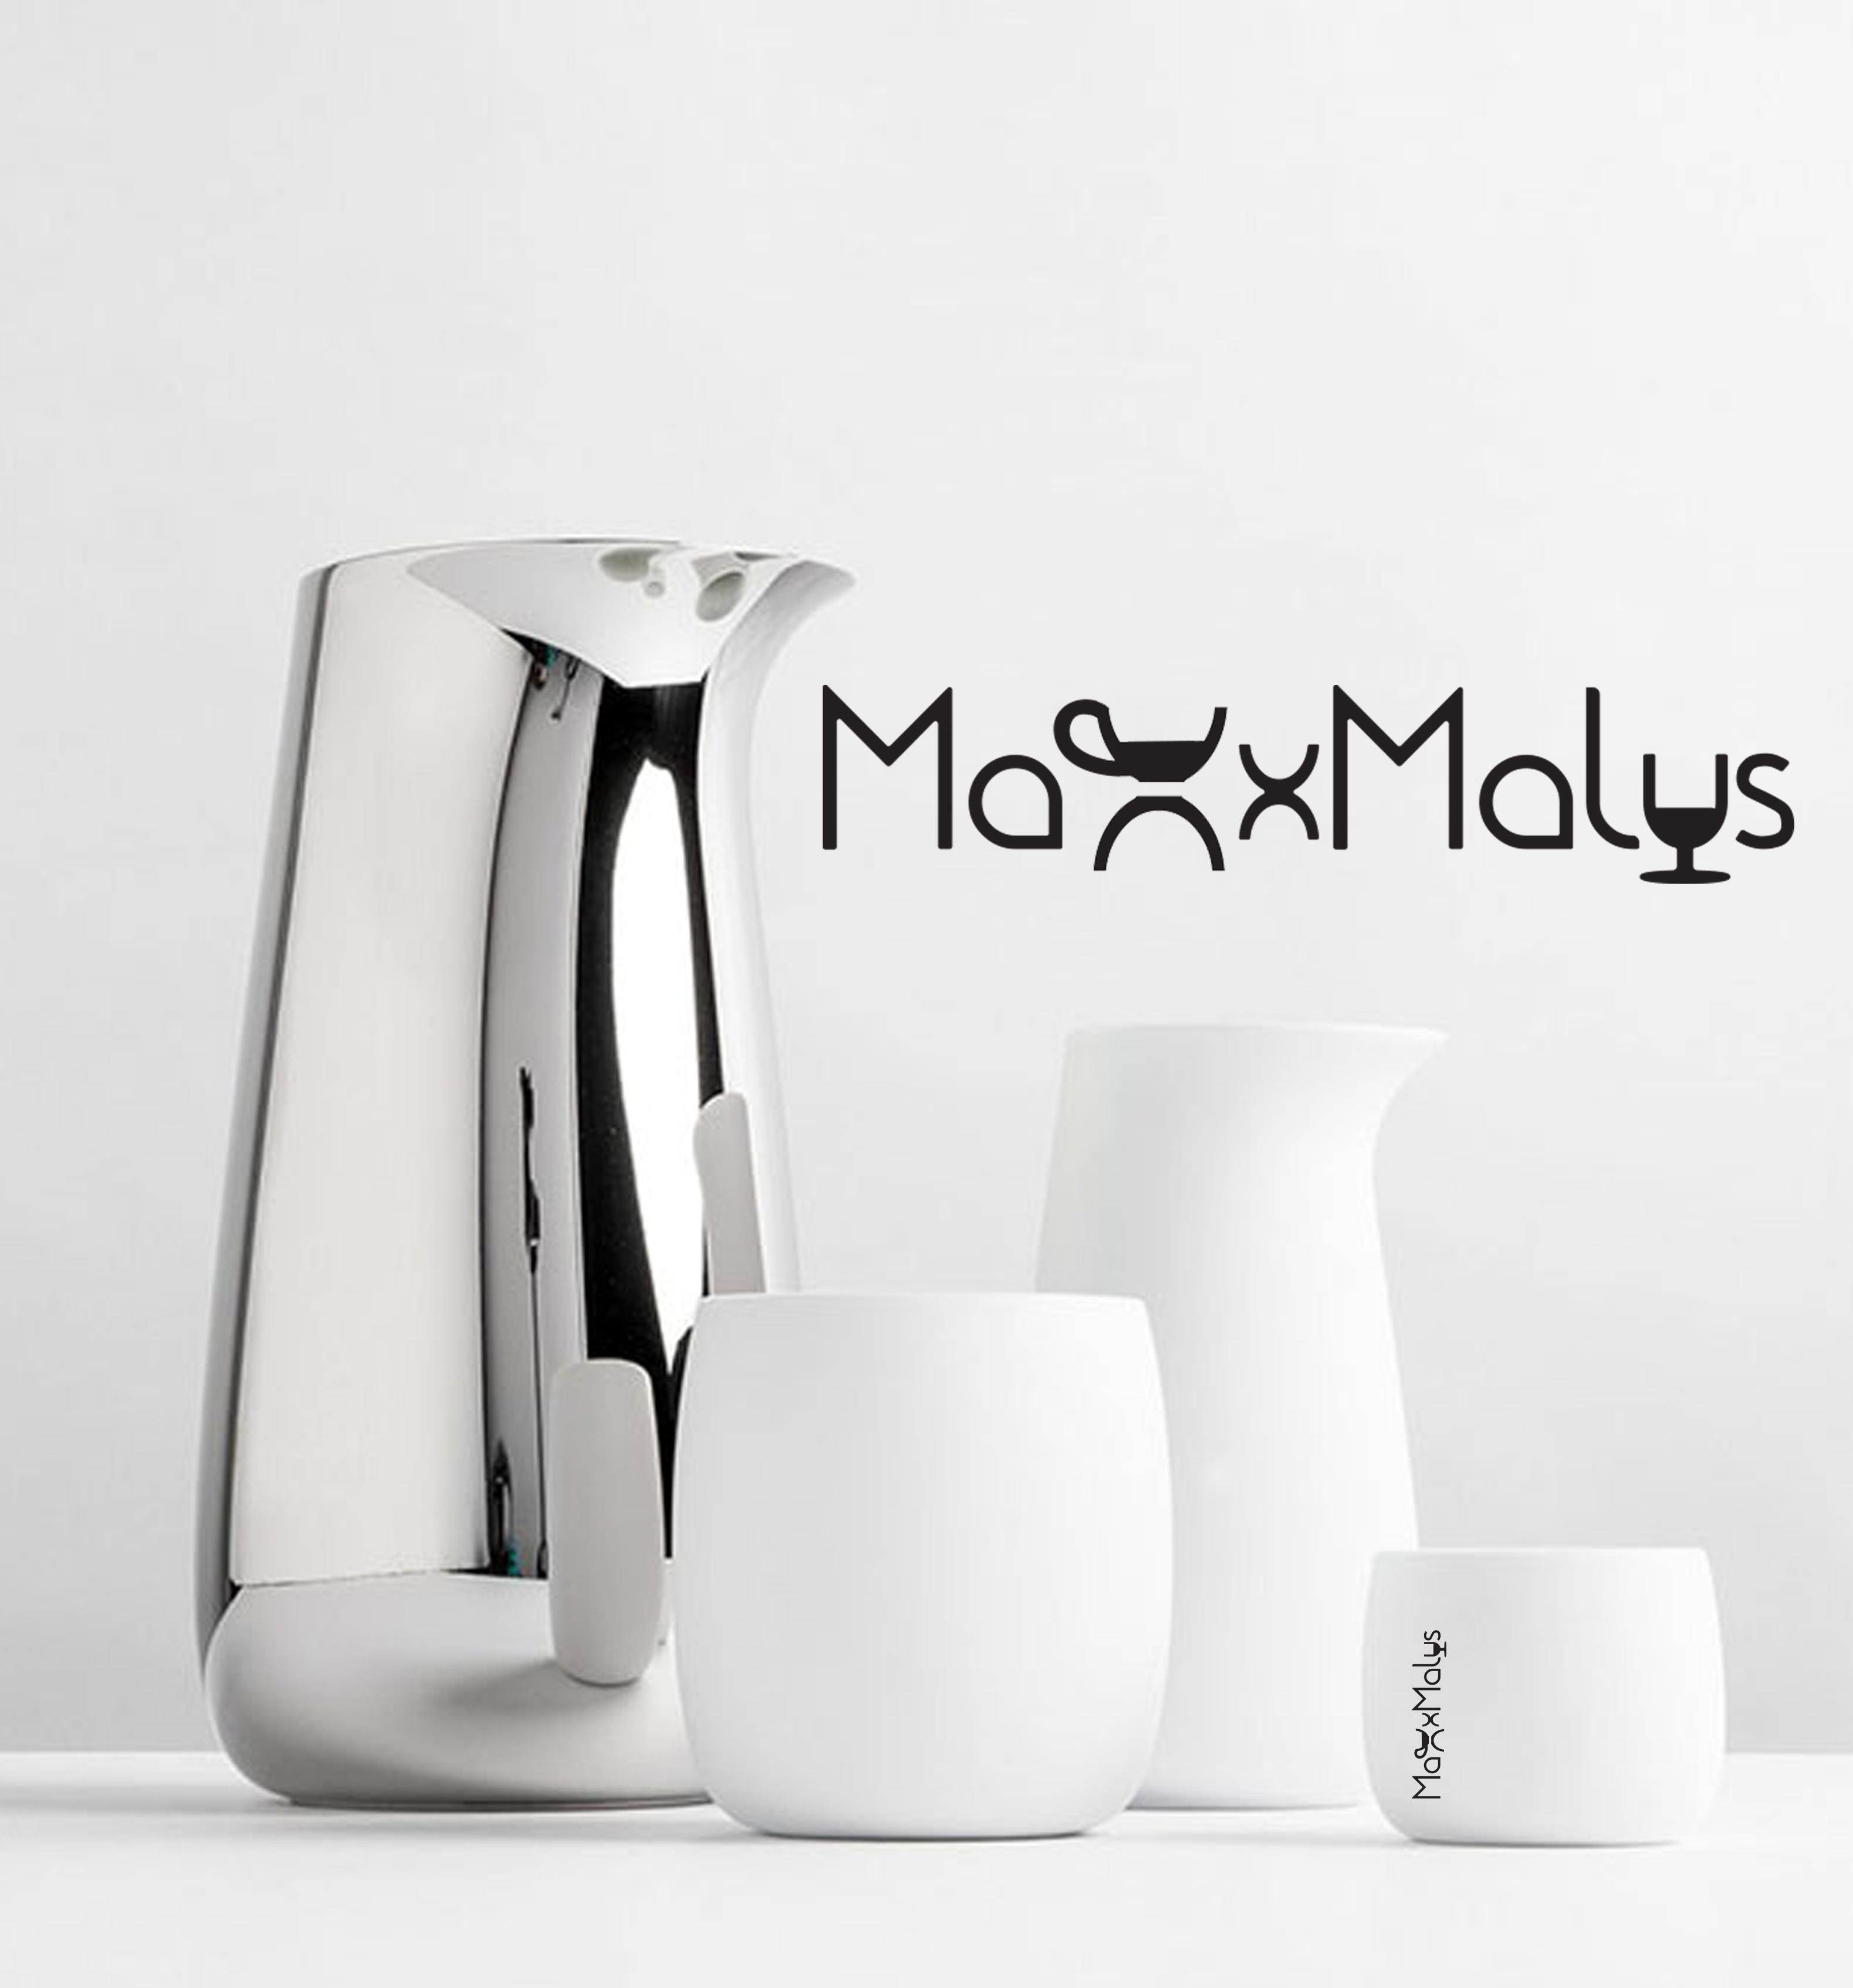 Логотип для нового бренда повседневной посуды фото f_8945ba17c428594f.jpg